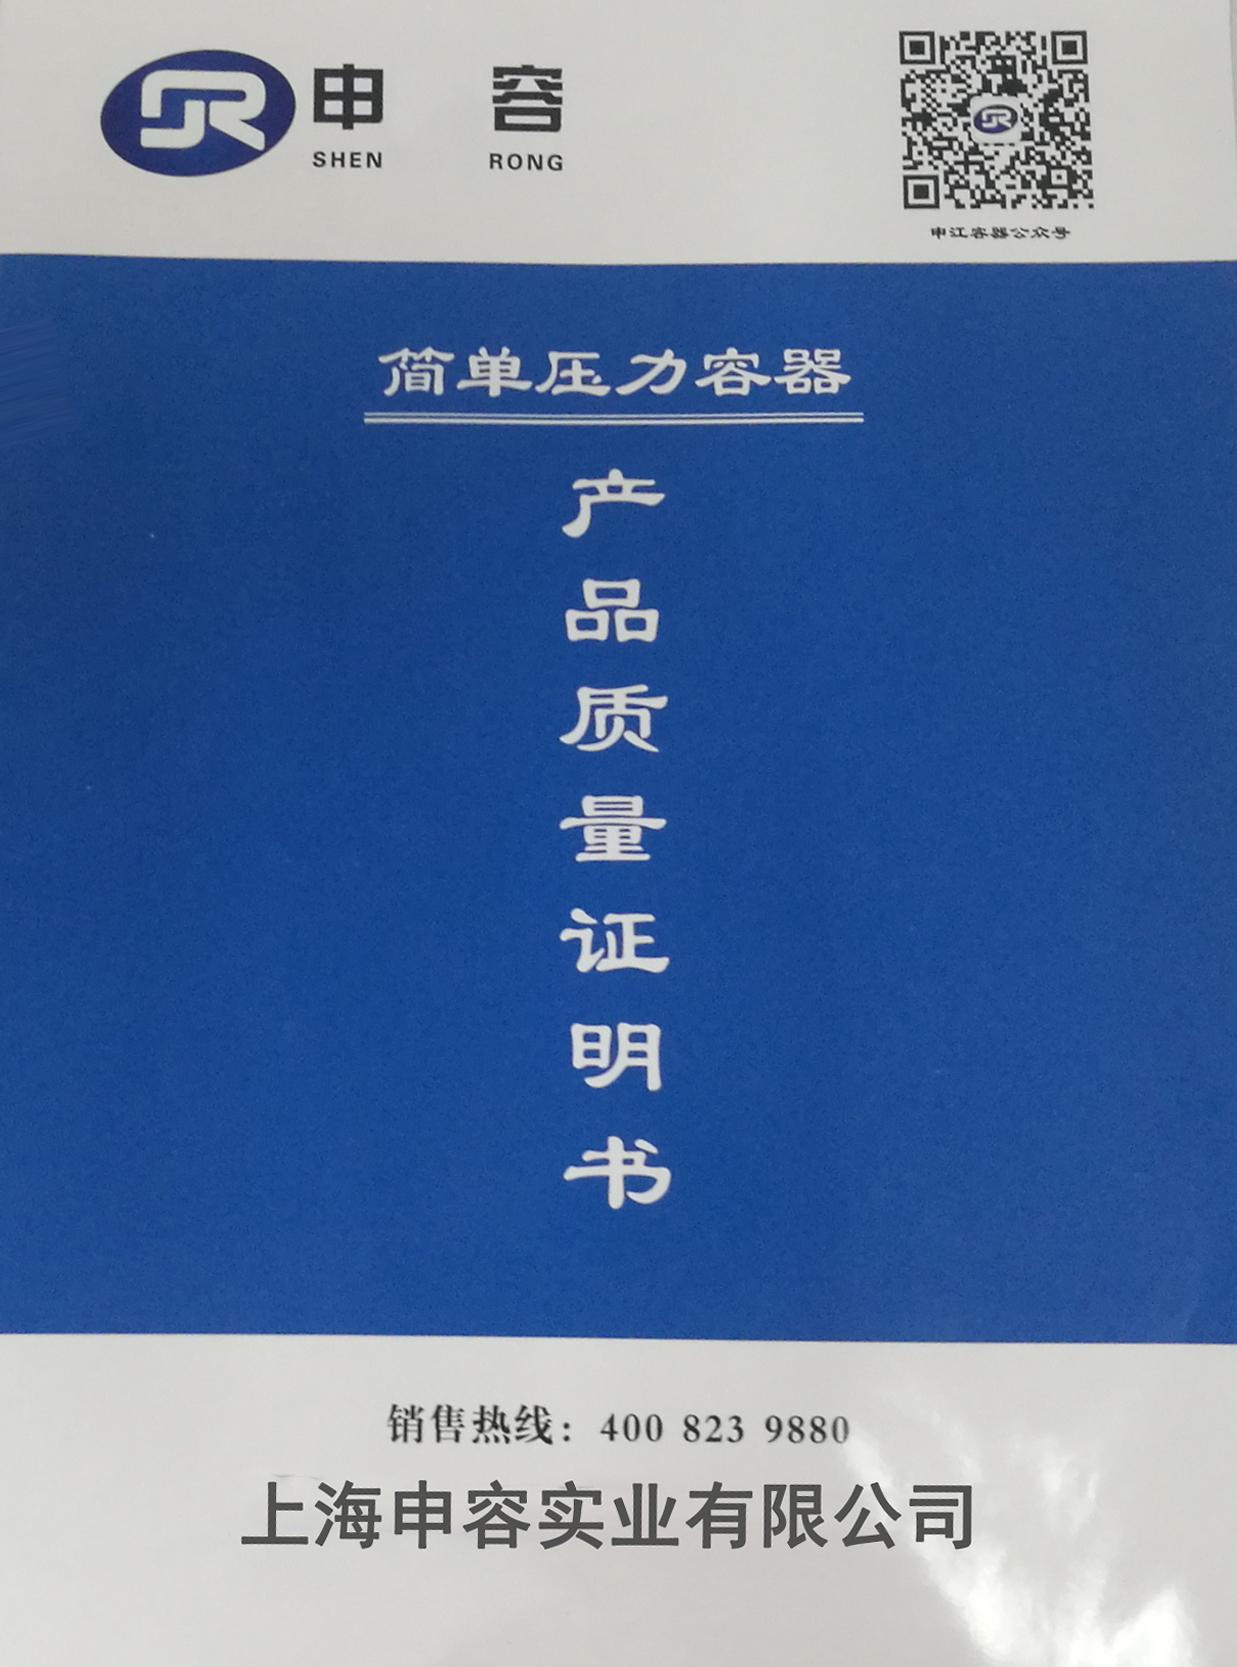 坚持梦想 捍卫梦想——上海申容电影观看